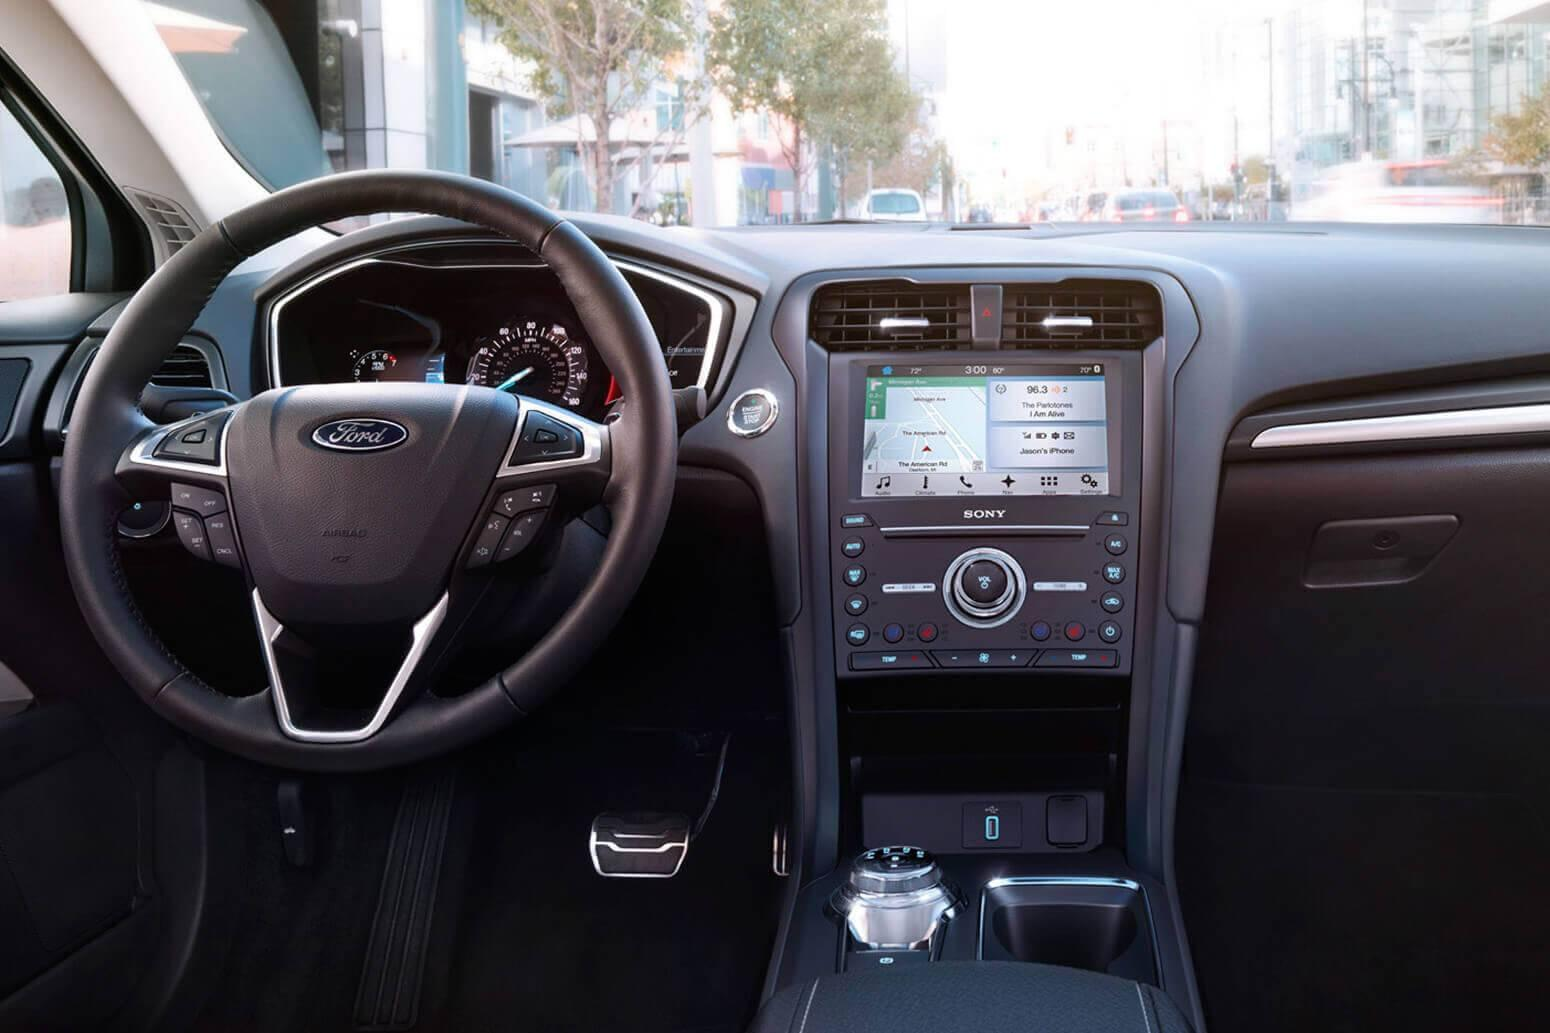 2017 Ford Fusion Interior